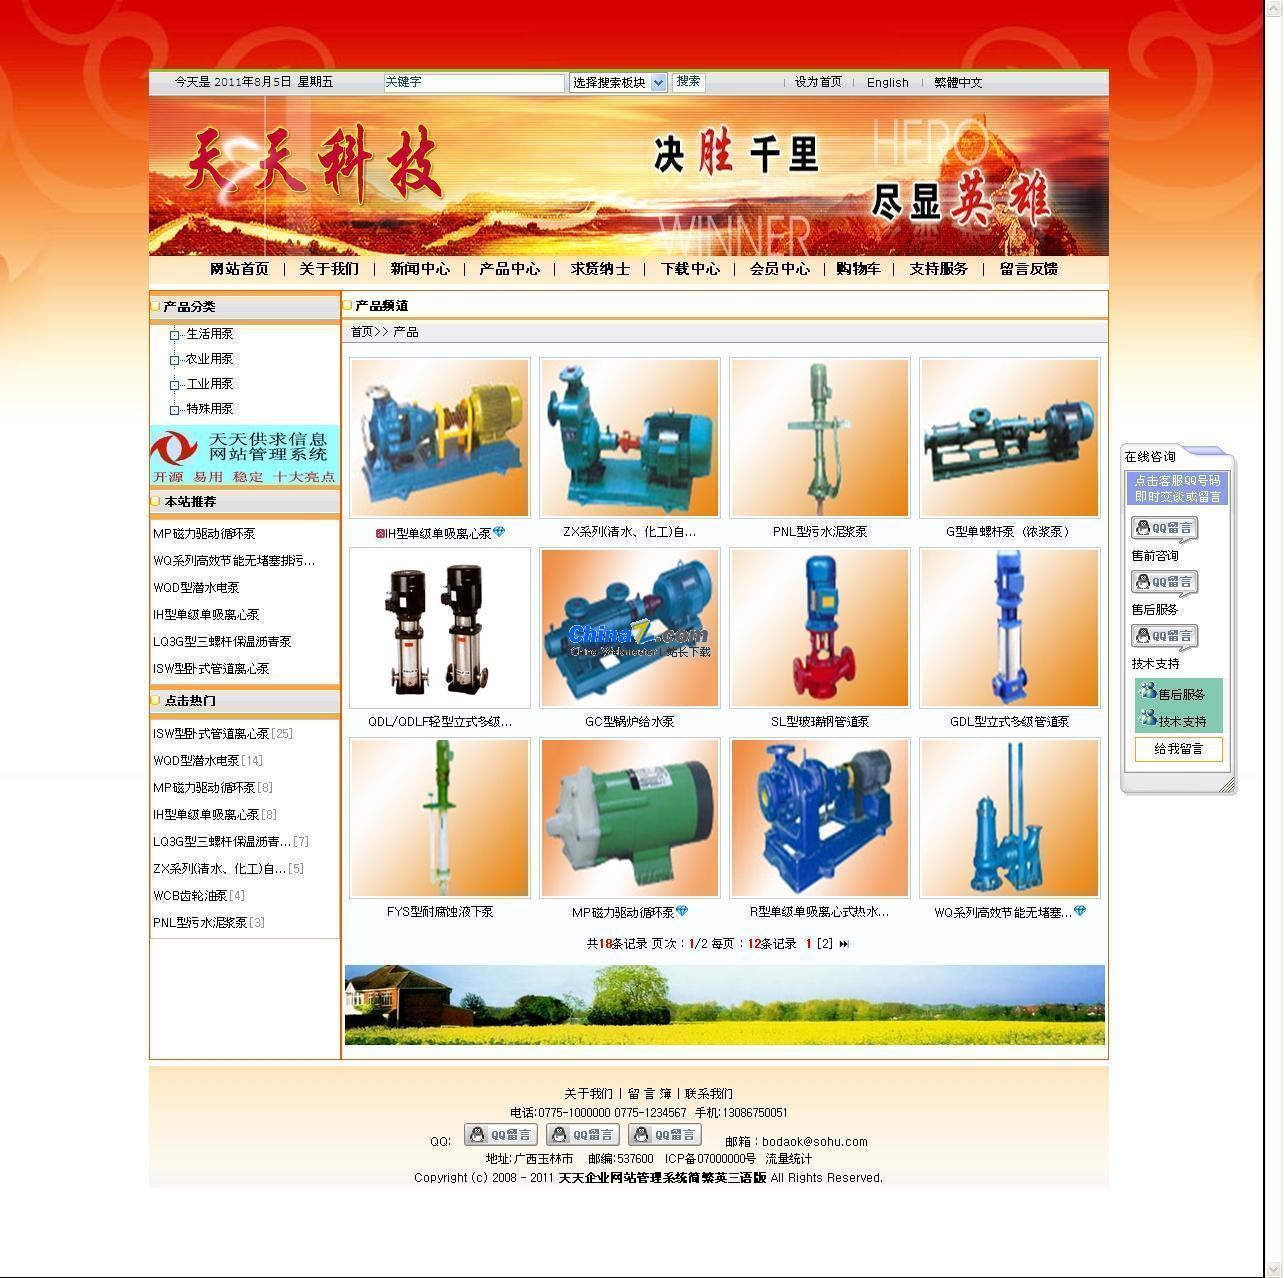 天天企业网站管理系统简繁英三语版